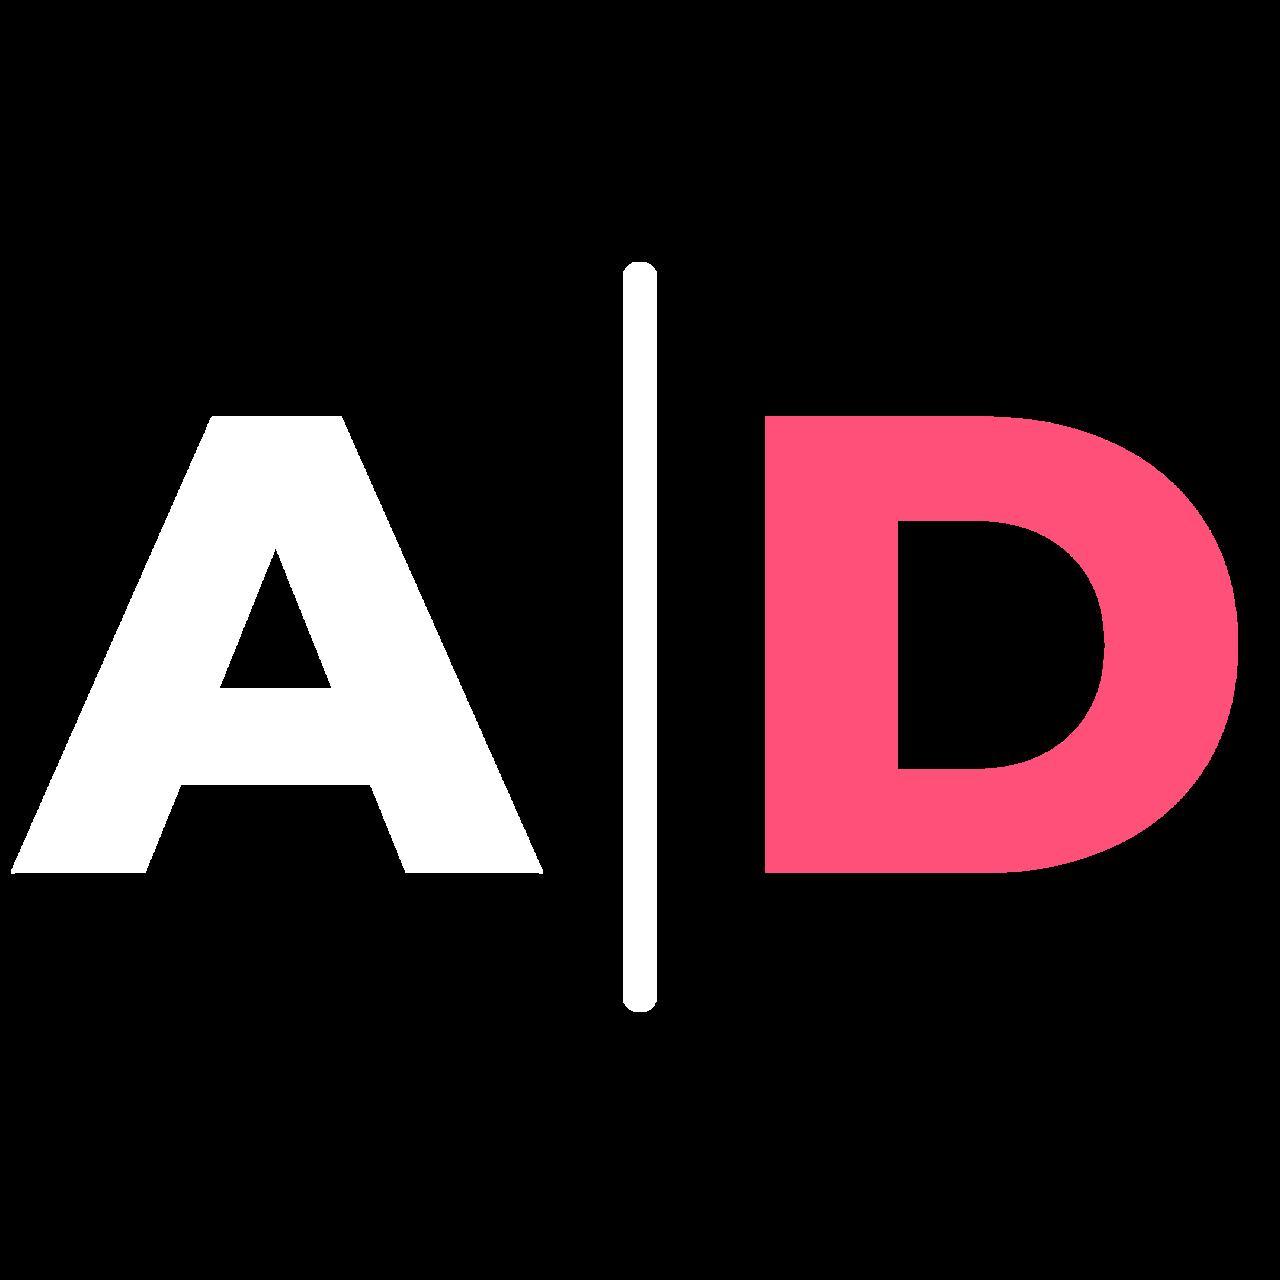 Arit Developer Newsletter